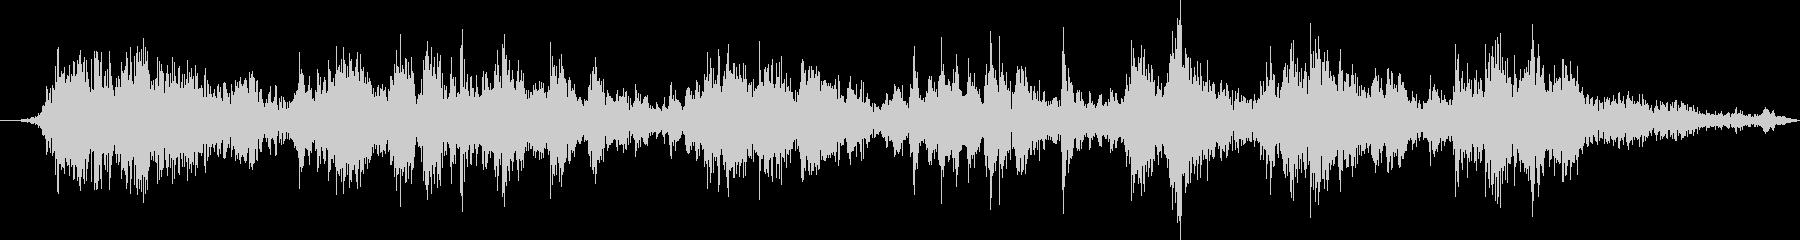 ピアノ:サウンドボードの弦の擦り傷...の未再生の波形